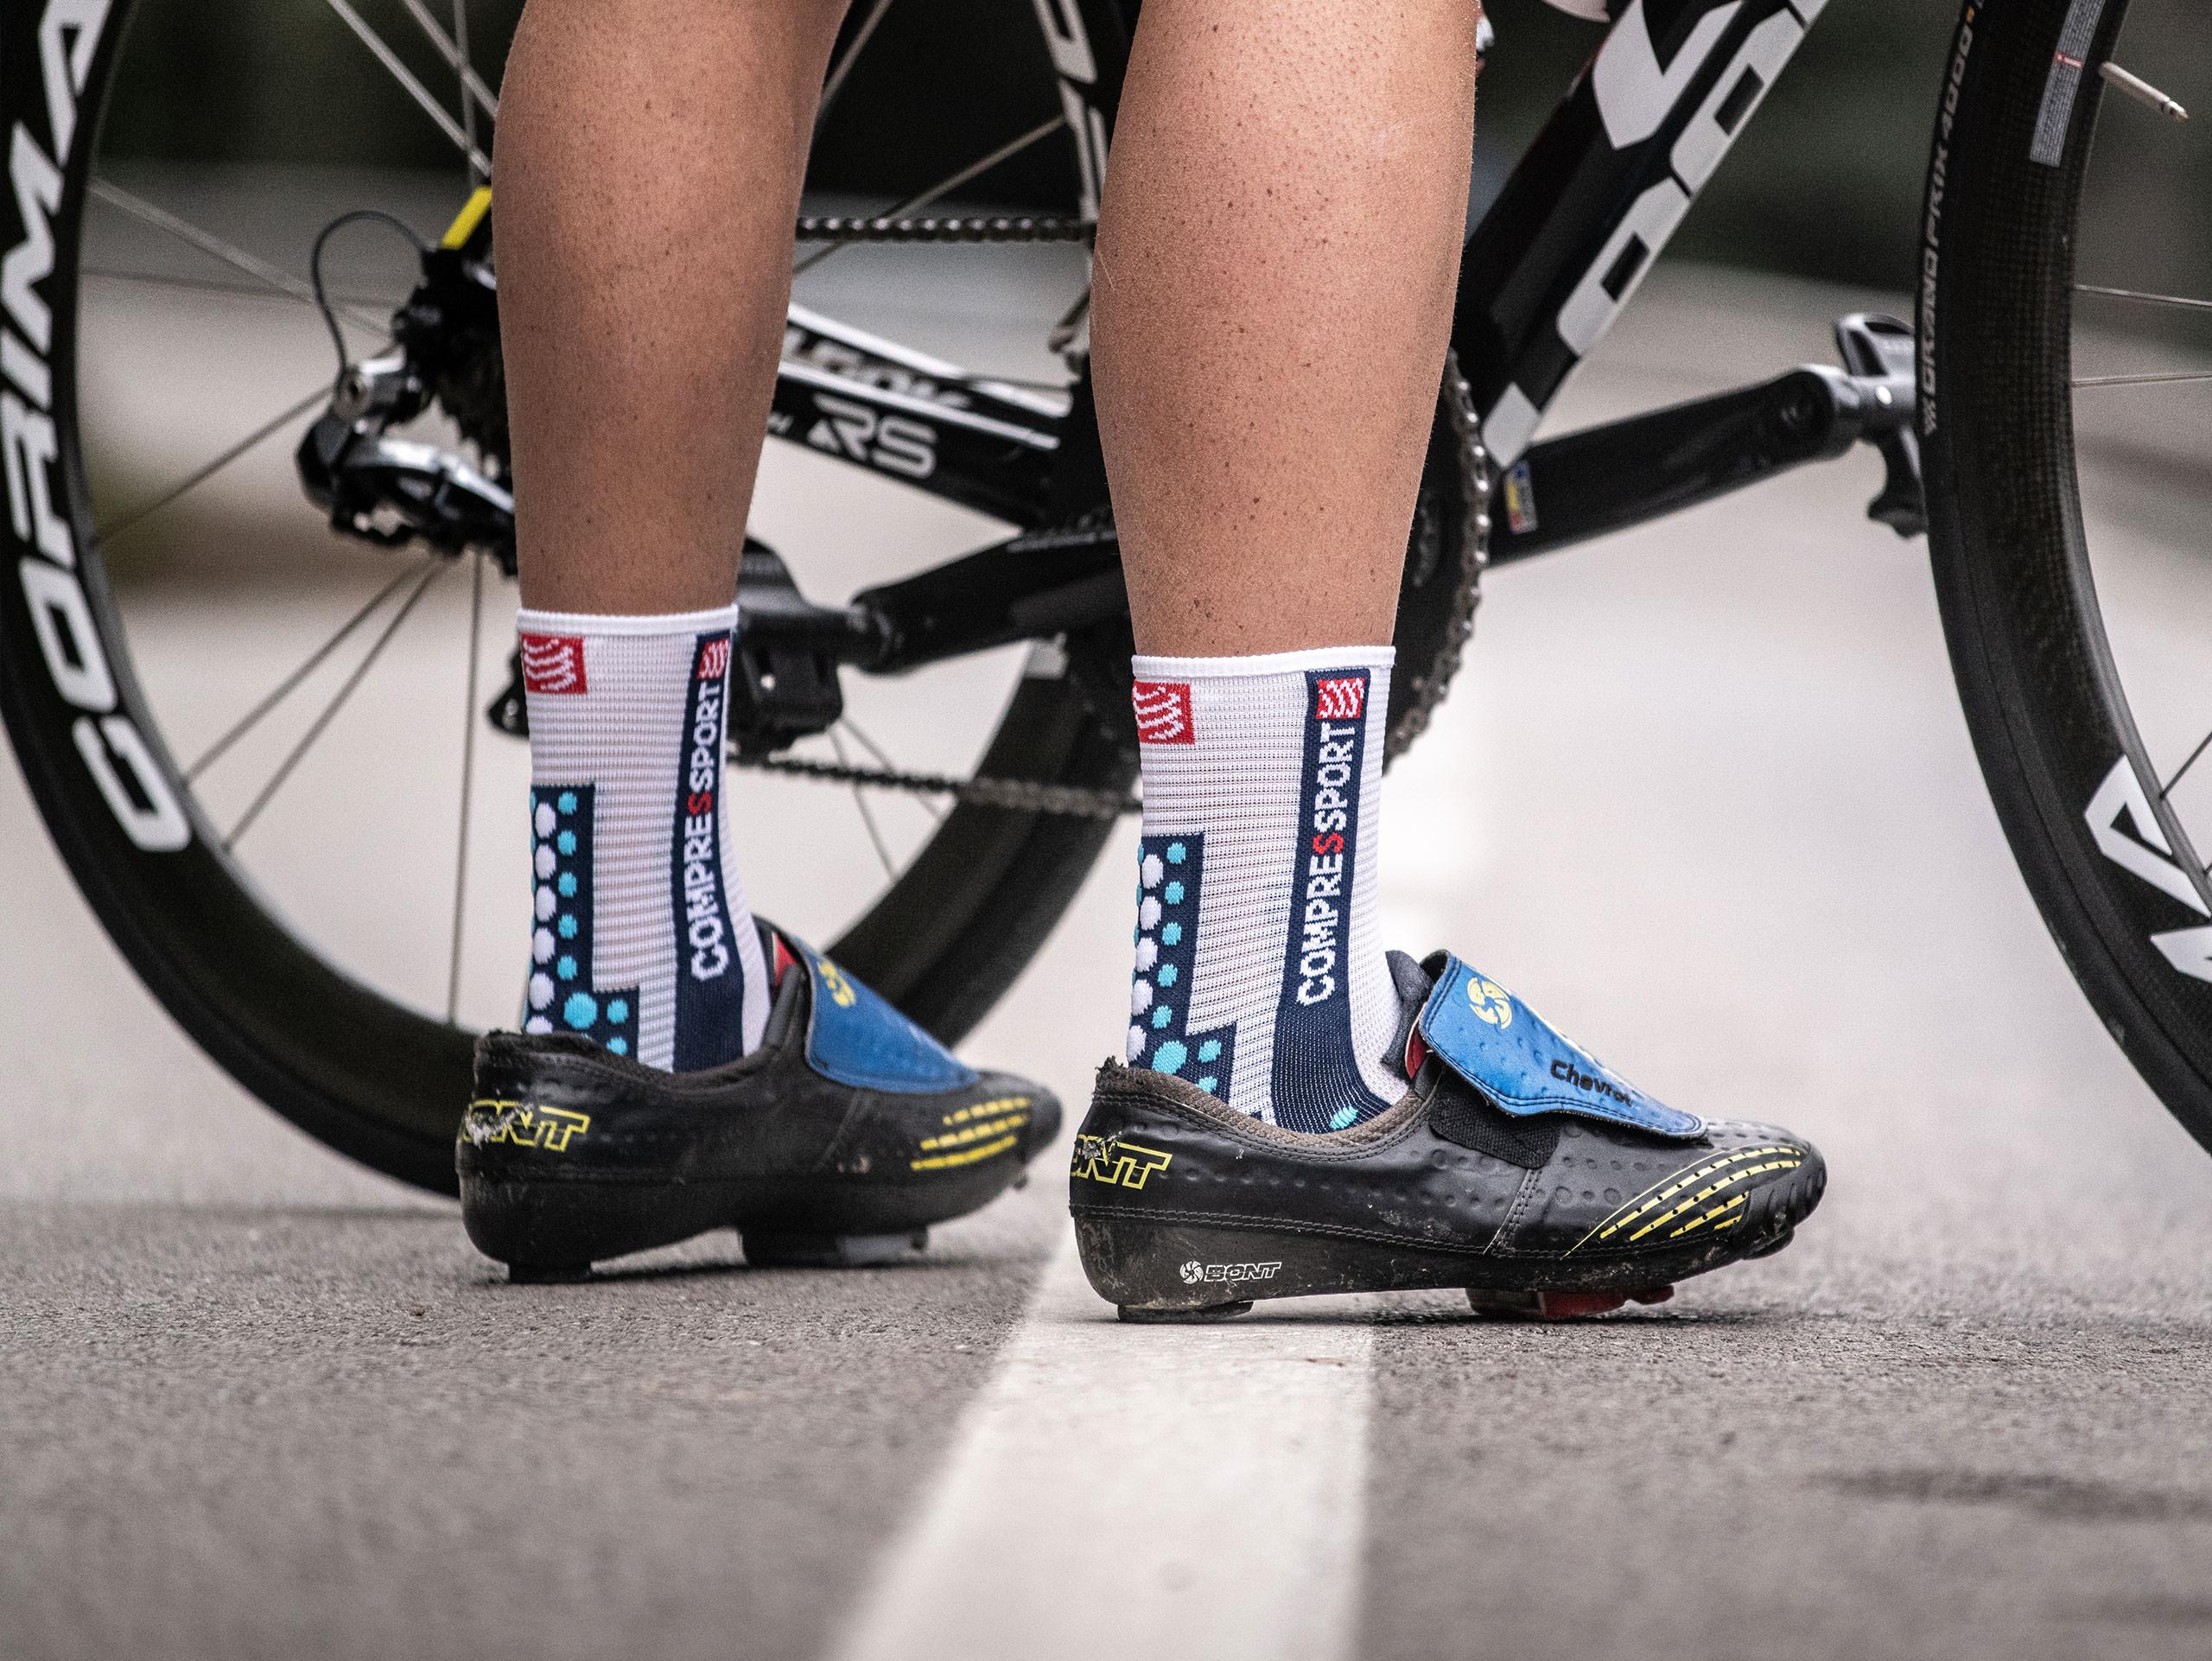 Calzini da gara professionali v3.0 Bike bianchi/blu